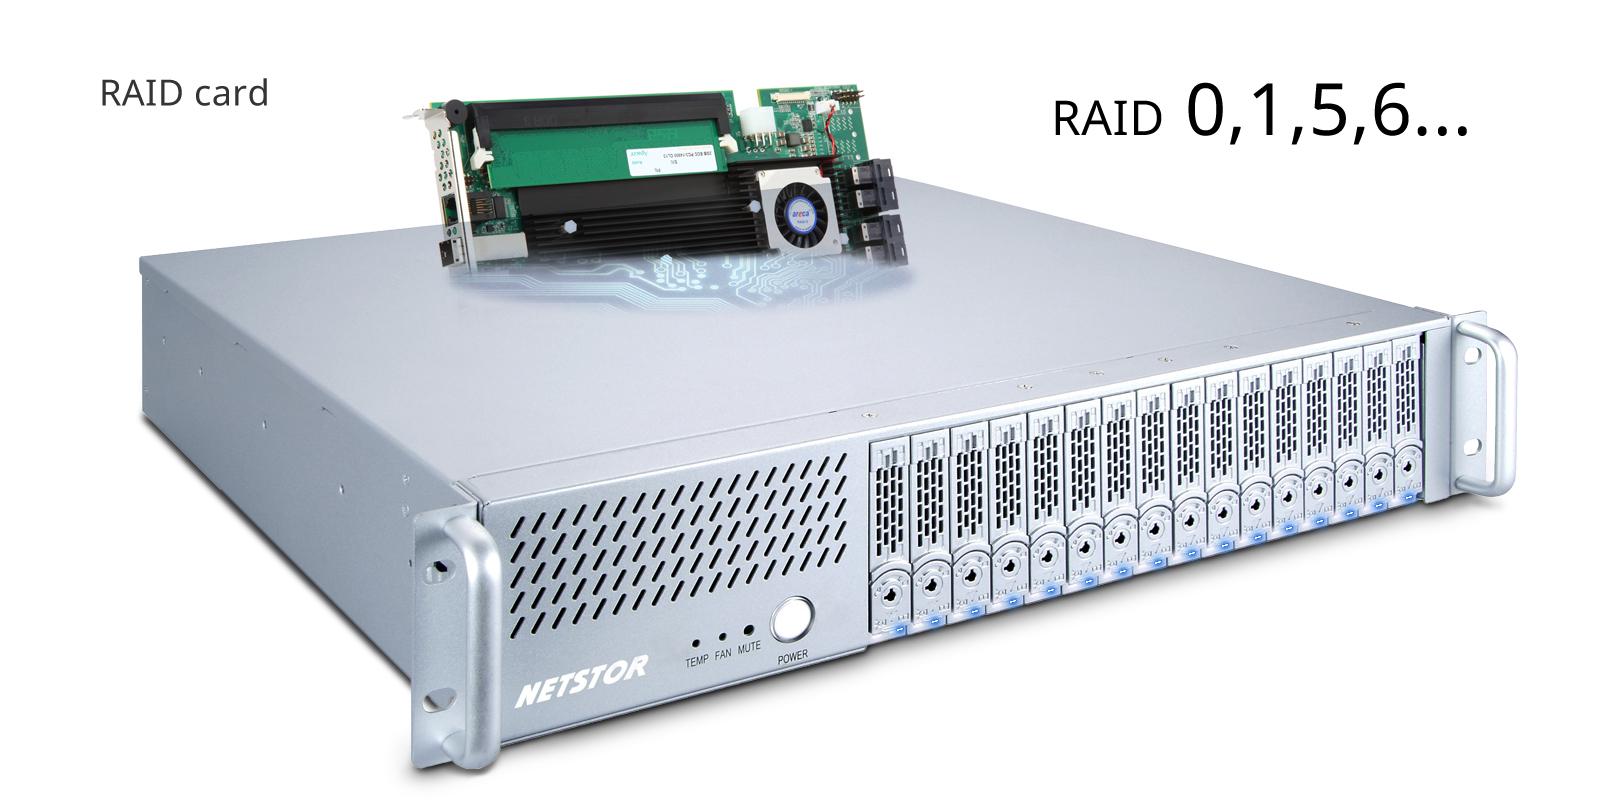 Netstor NA338TB3 support wide range RAID card.